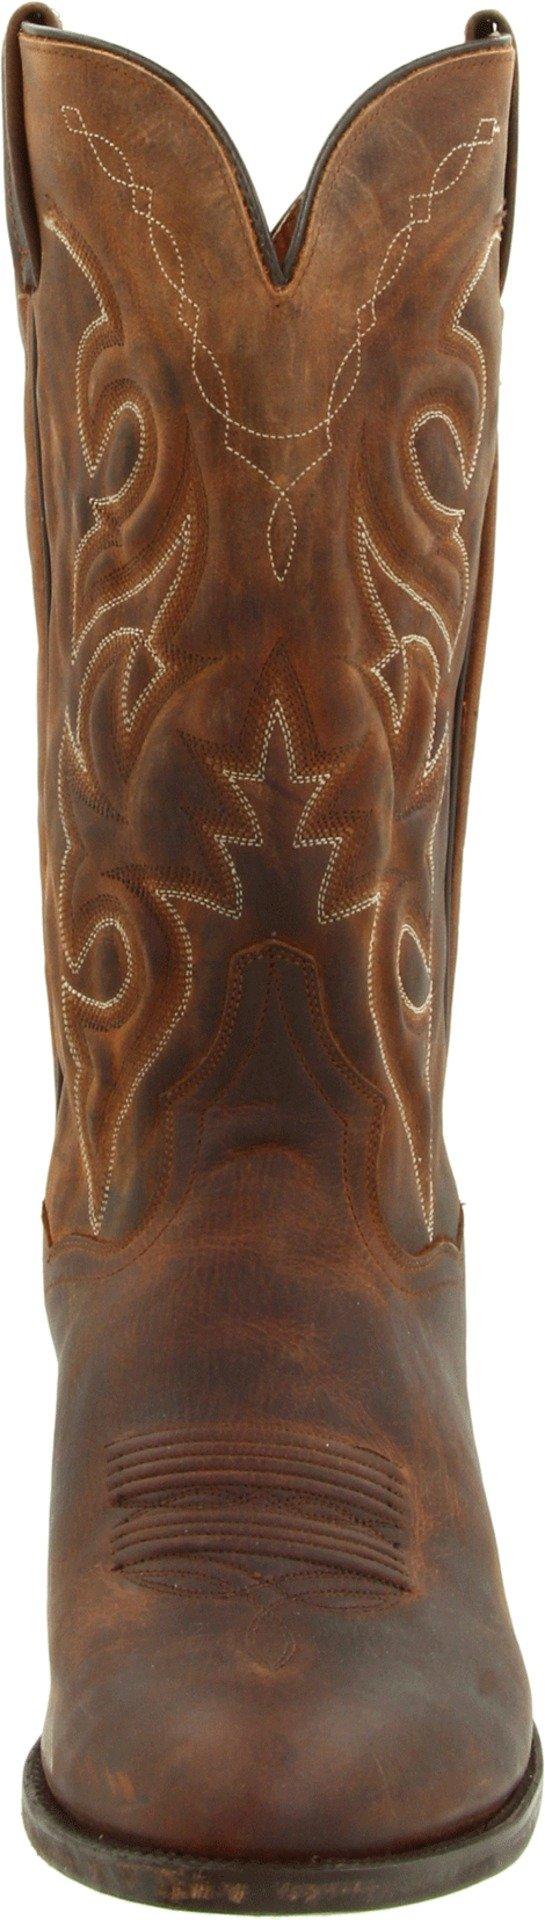 Dan Post Men's Renegade Western Boot,Bay Apache,11 D US by Dan Post Boot Company (Image #4)